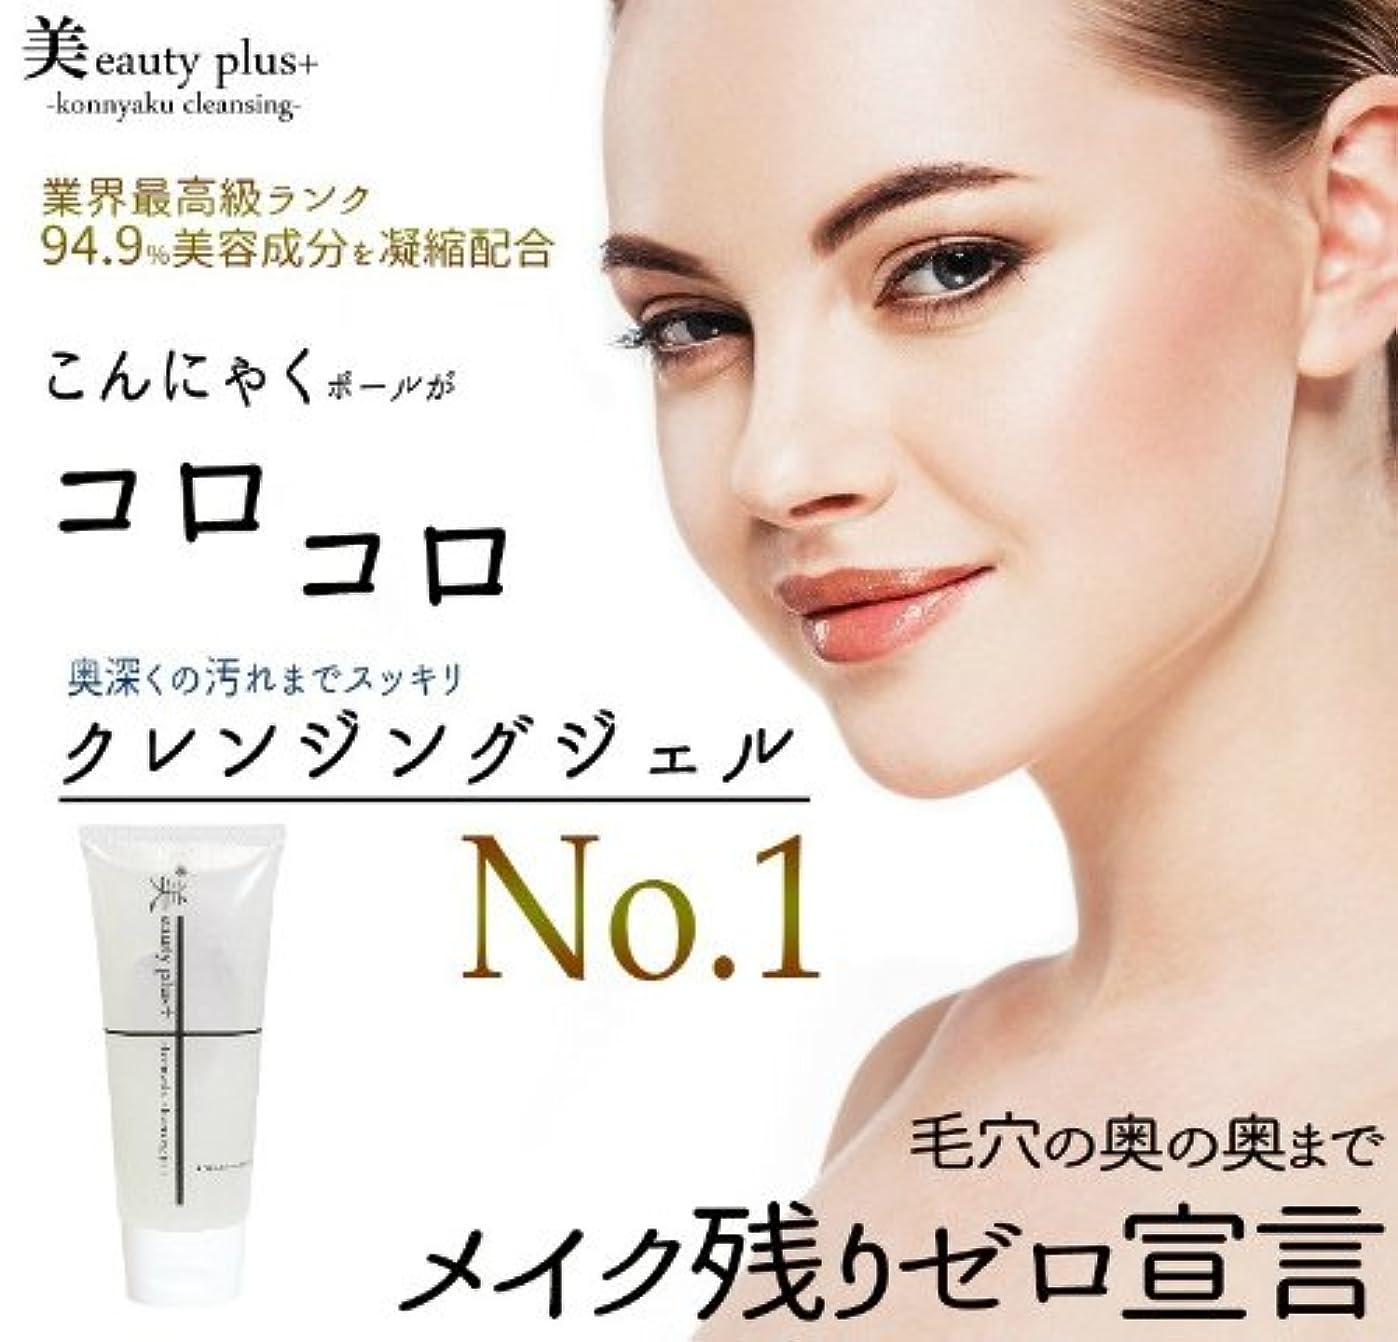 知覚できる戦術テレマコス美eauty Plus+ Konnyaku Cleansing Jel